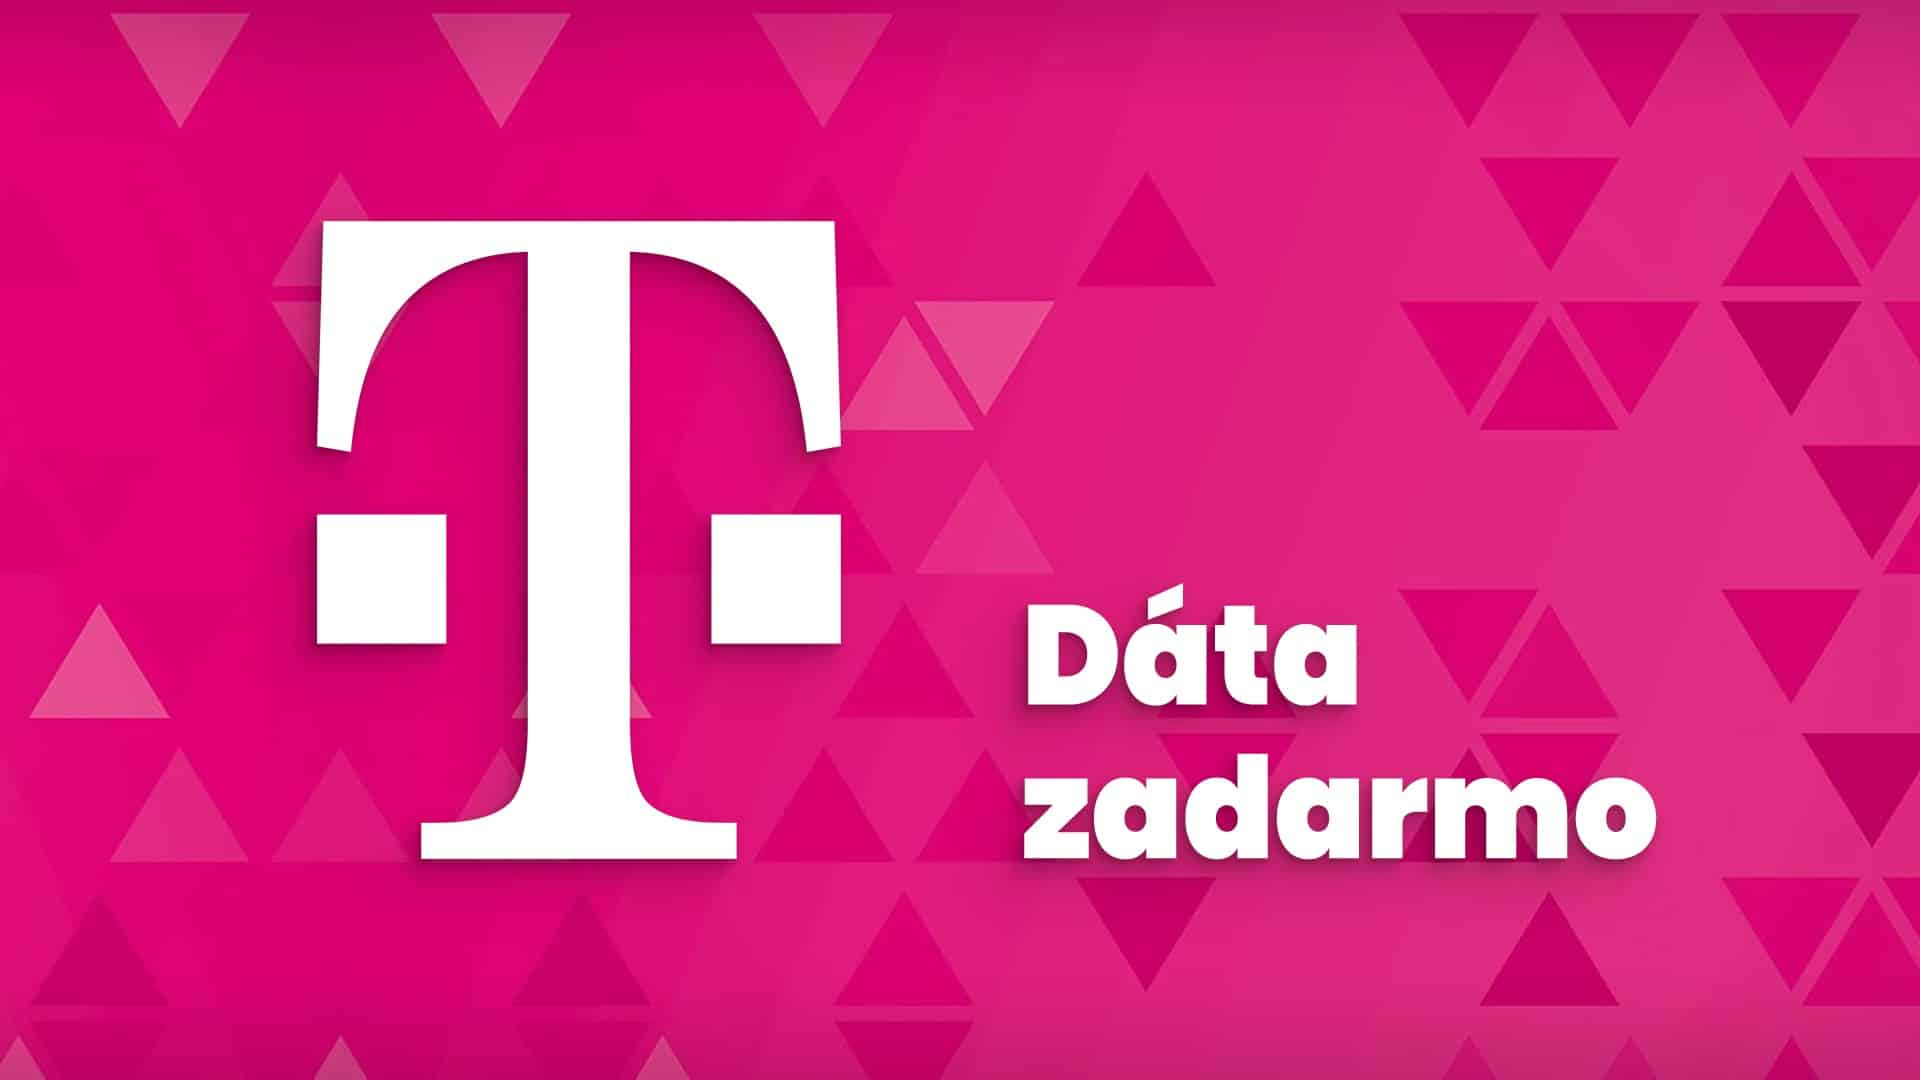 telekom nekonecne data zadarmo